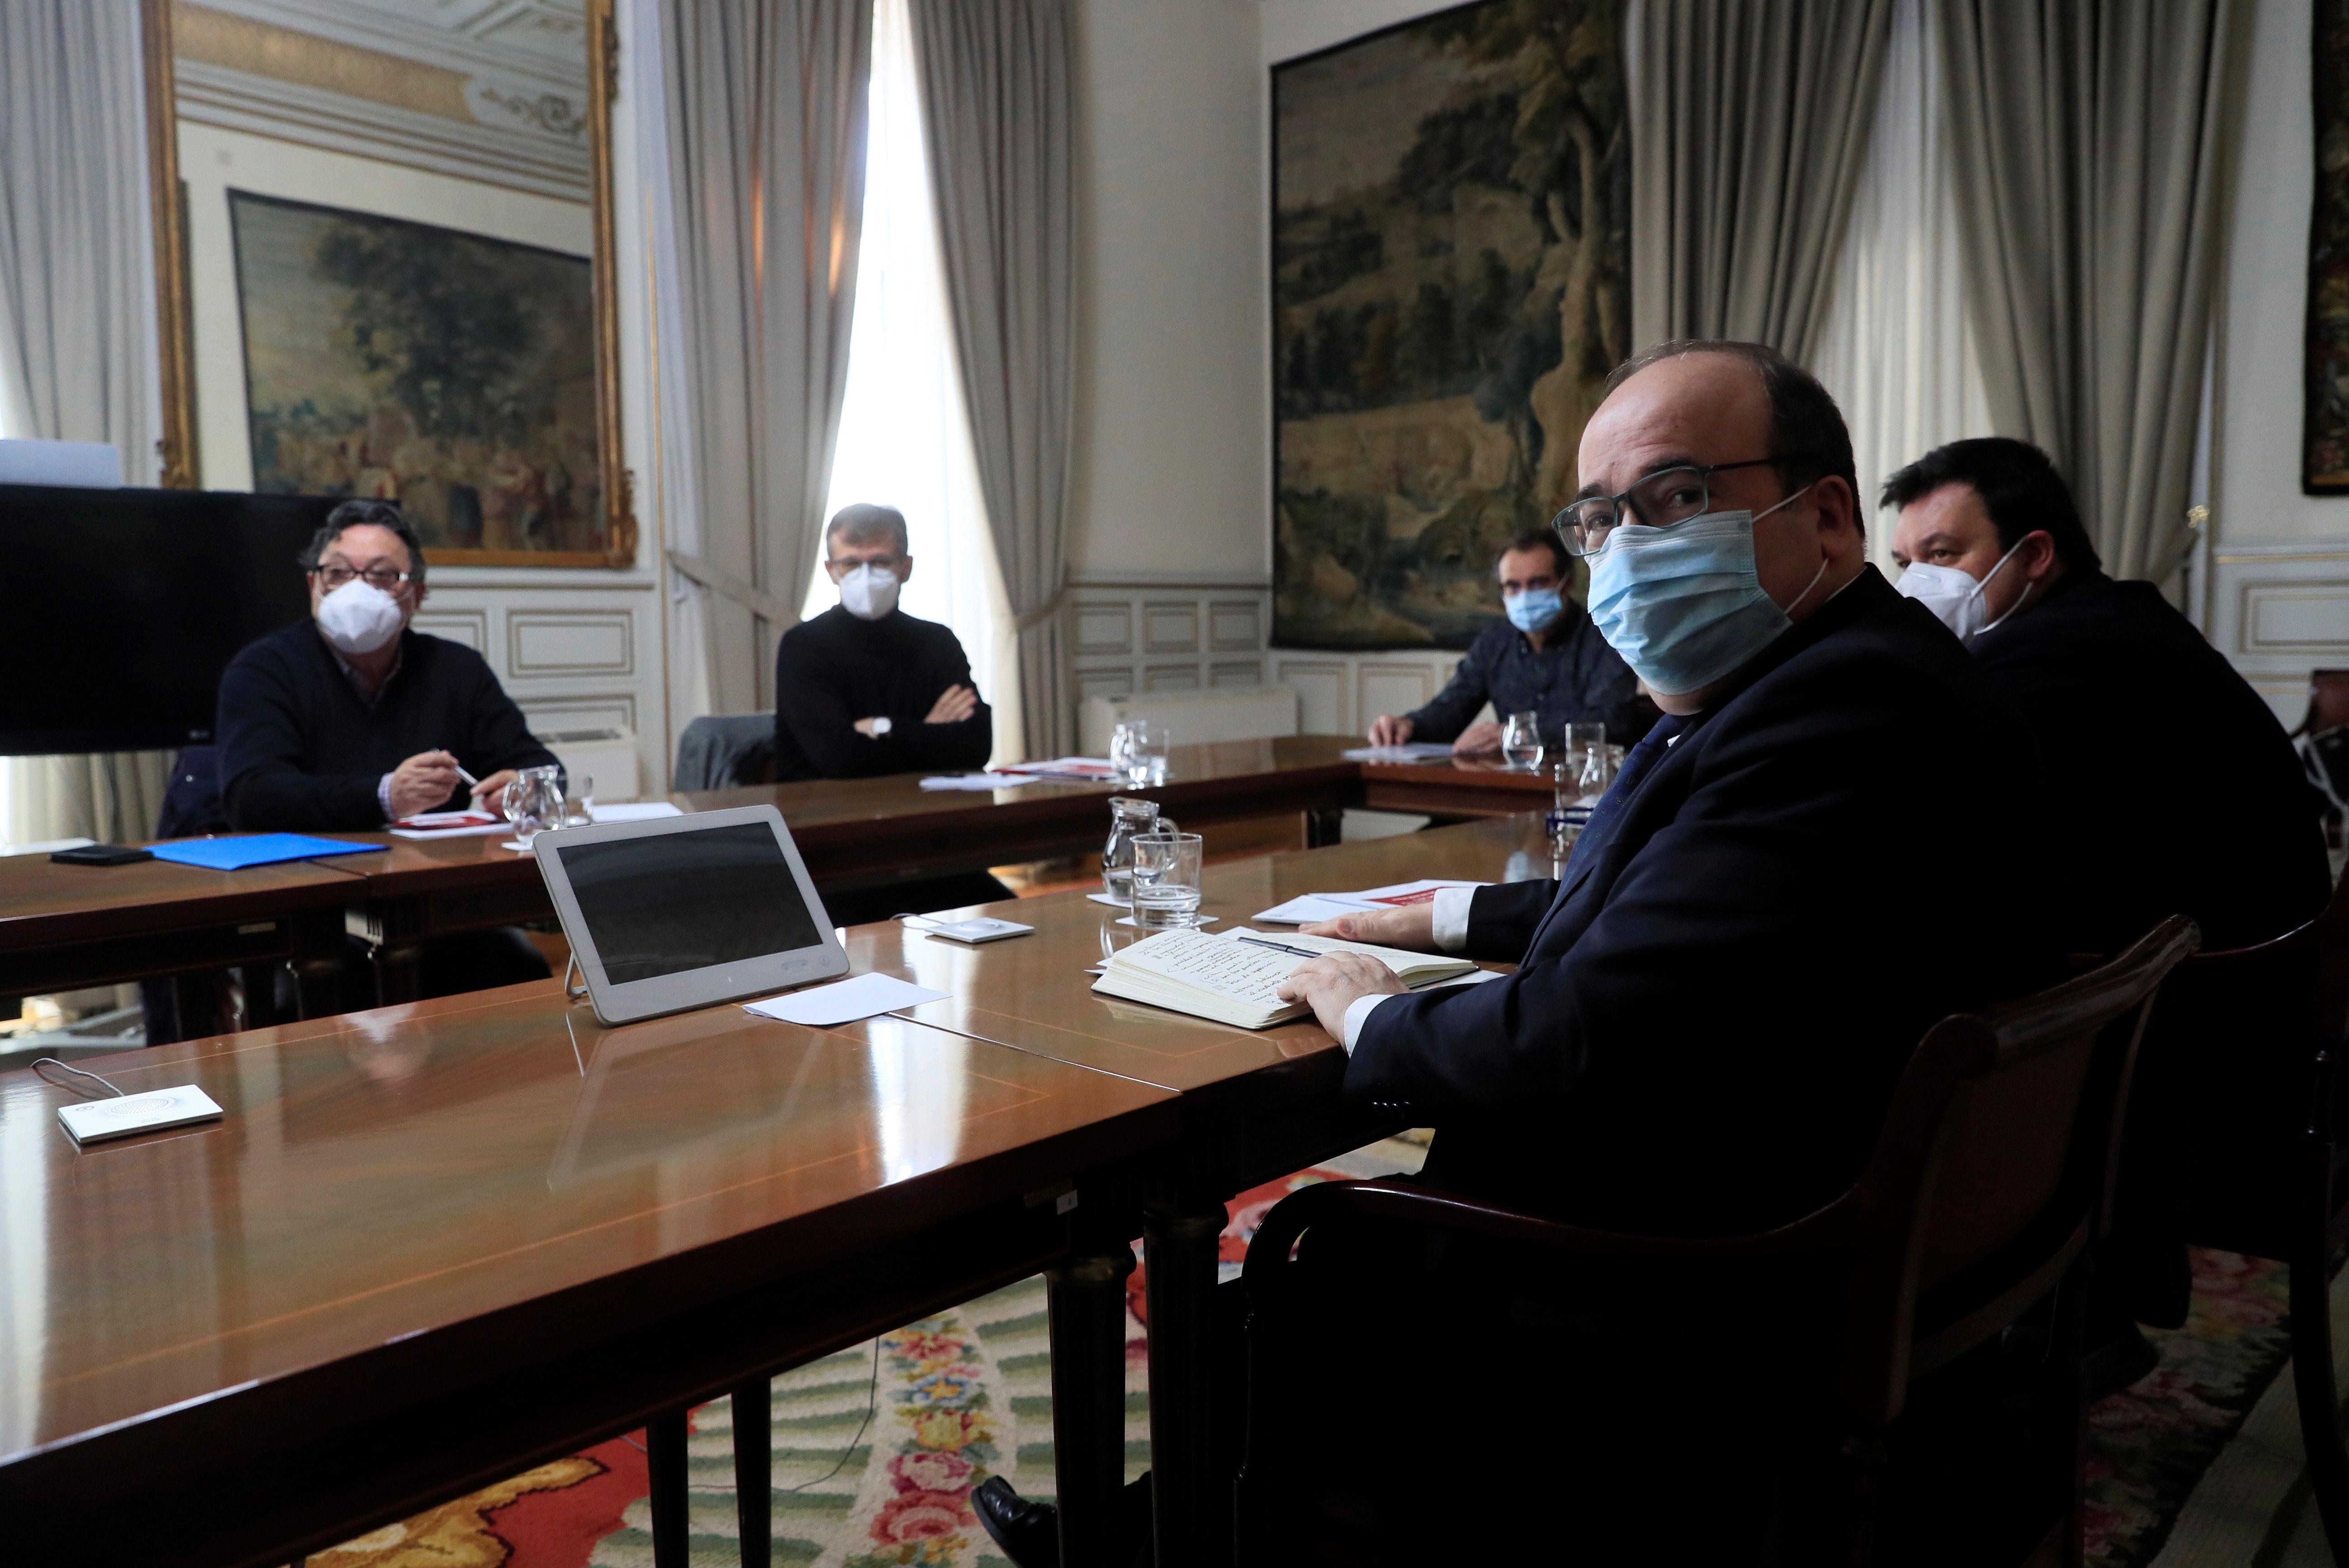 El ministro de Política Territorial y Función Pública, Miquel Iceta, durante su reunión con los sindicatos.